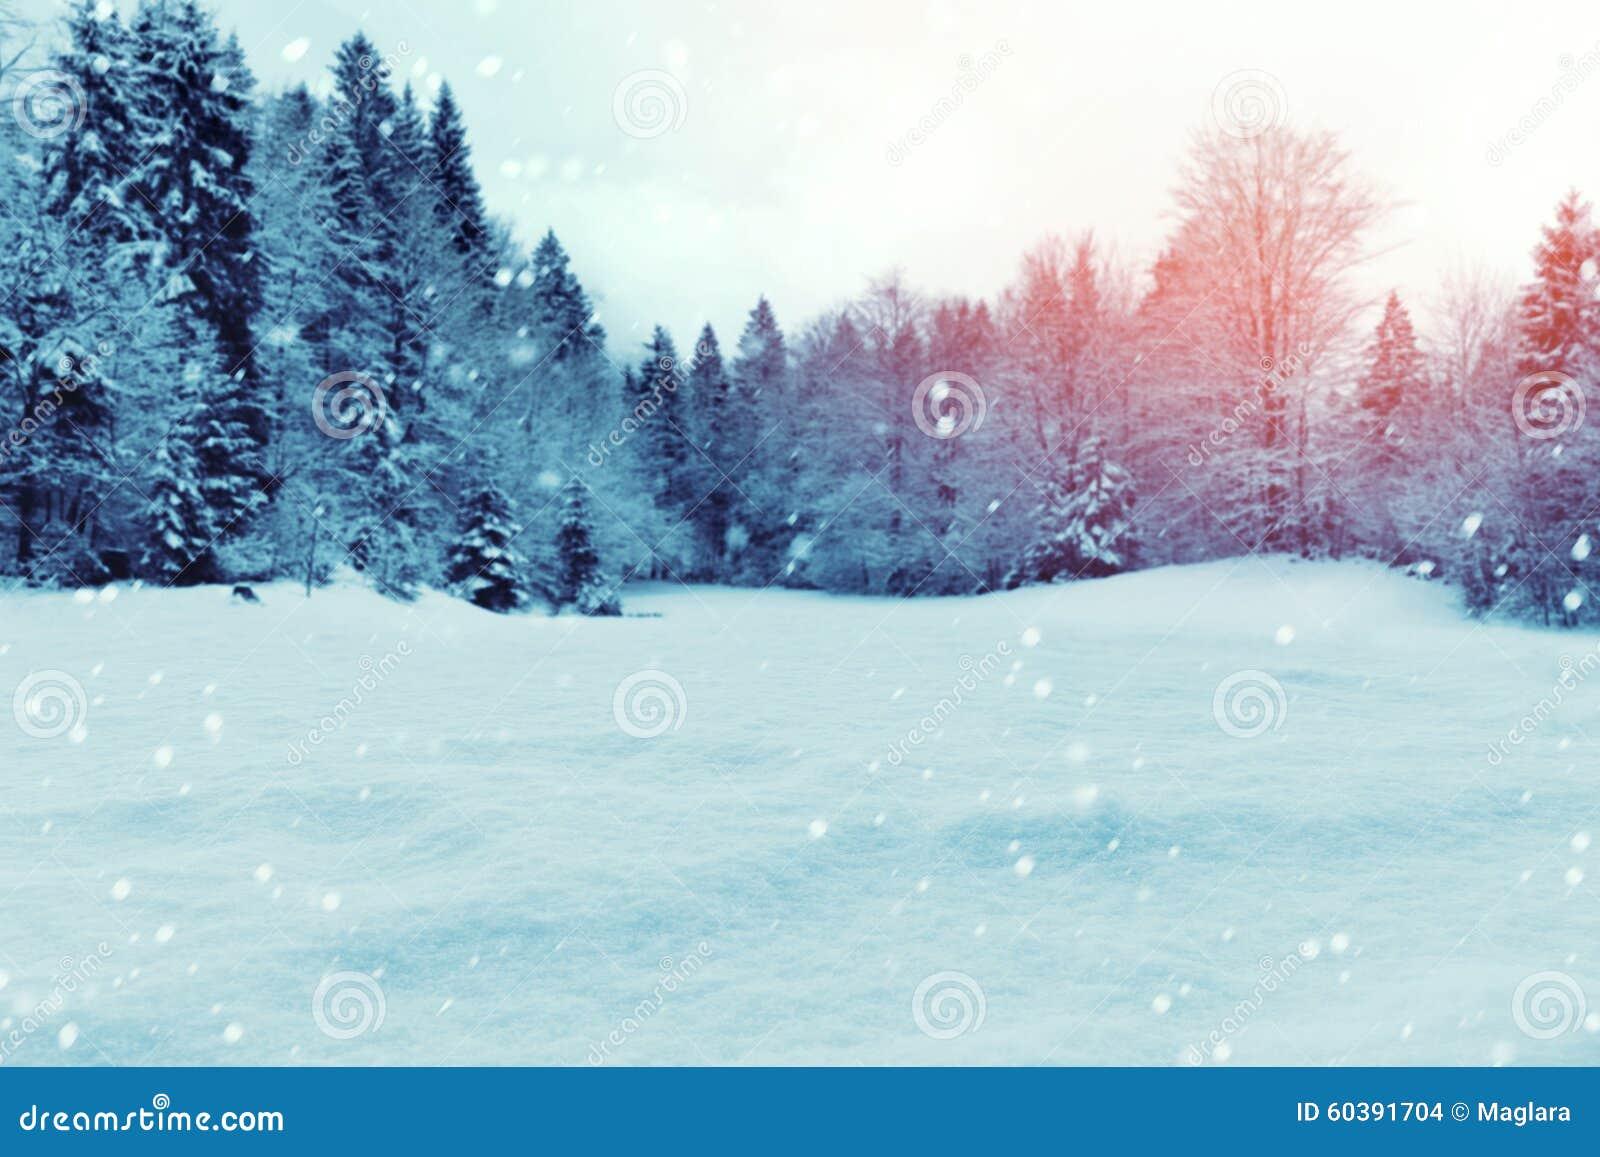 Χειμερινό υπόβαθρο Χριστουγέννων με το χιόνι και τα δέντρα